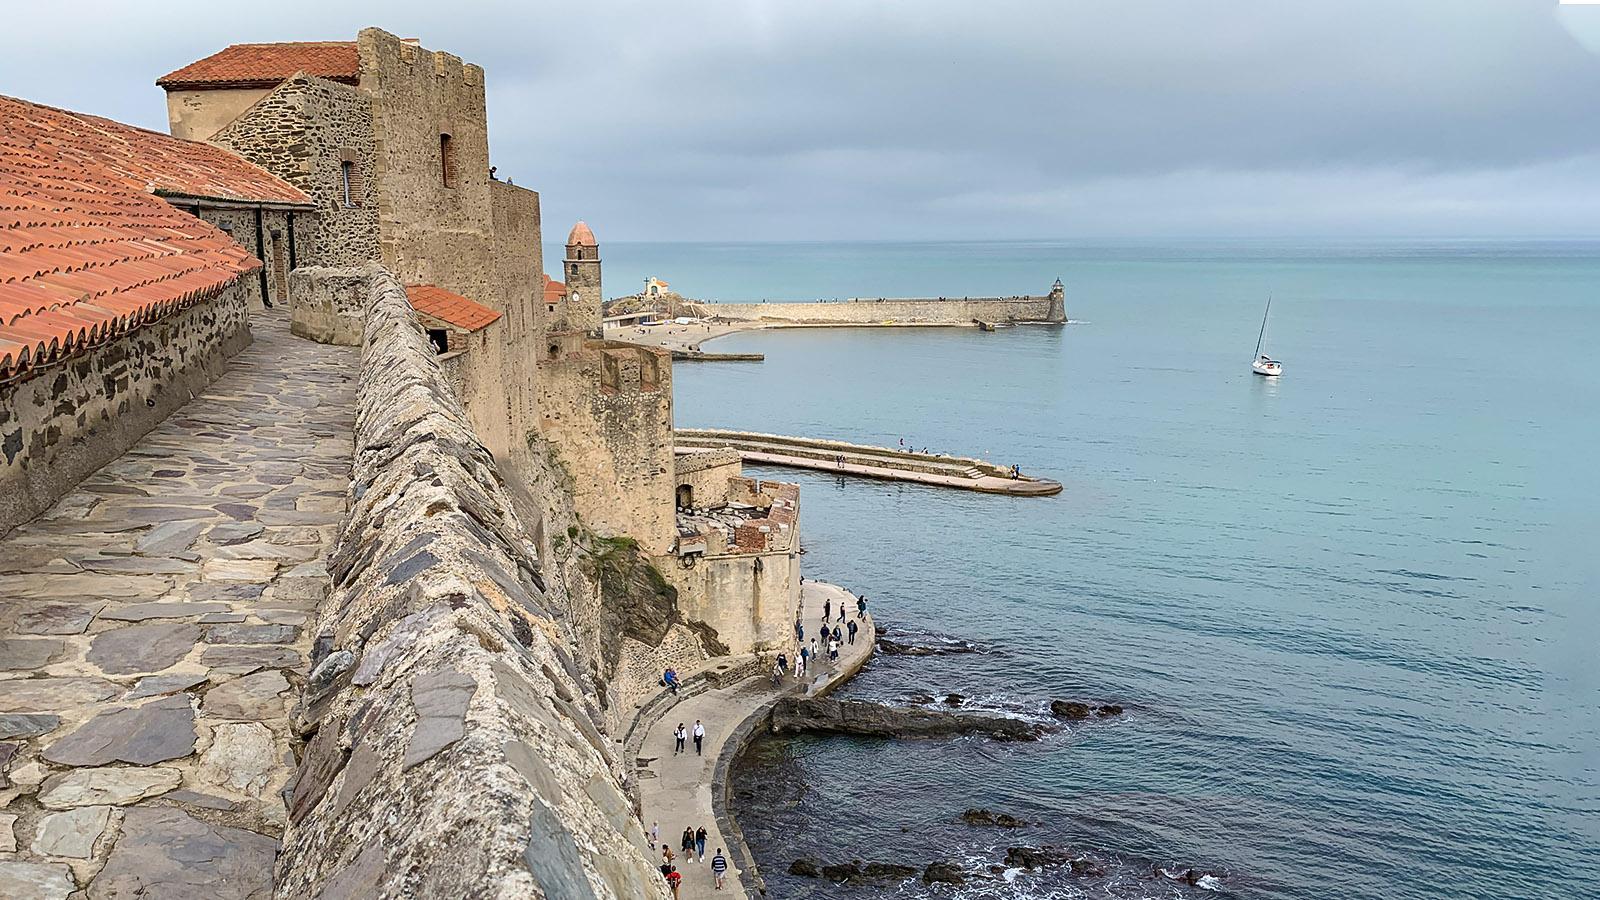 Das südliche Hafenbecken von Collioure. Foto: Hilke Maunder